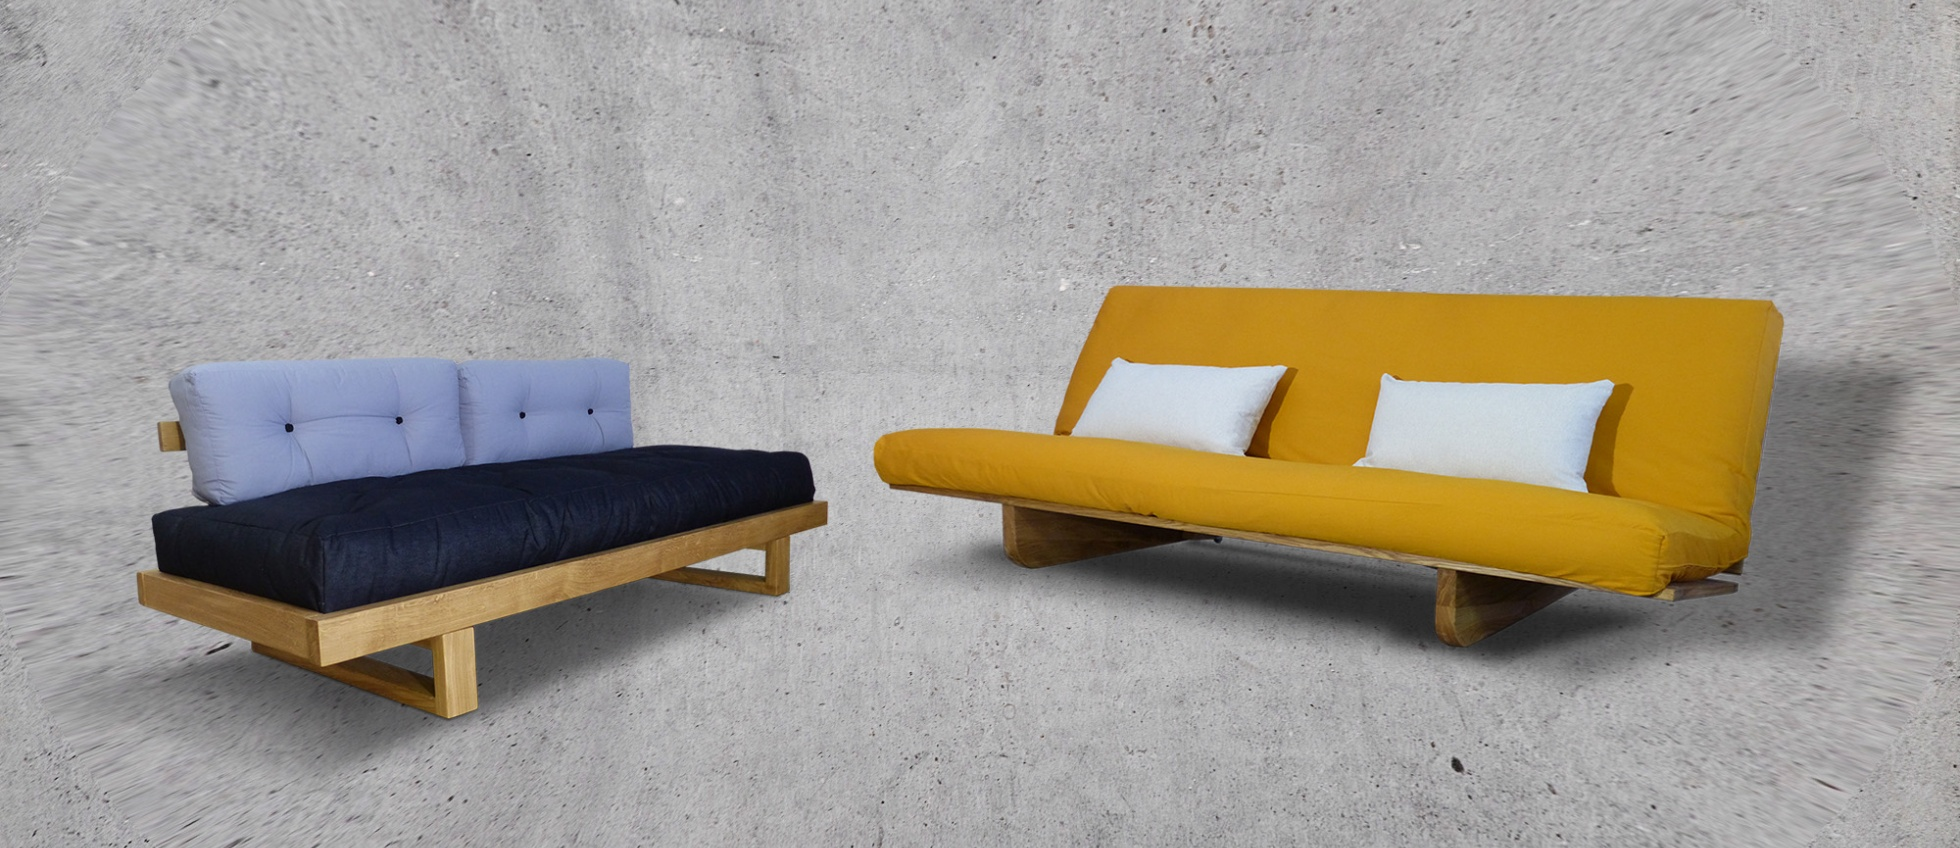 mode designer ff469 c41e7 Taifutons | Lits et Canapés Convertibles. Futon et Tatamis ...